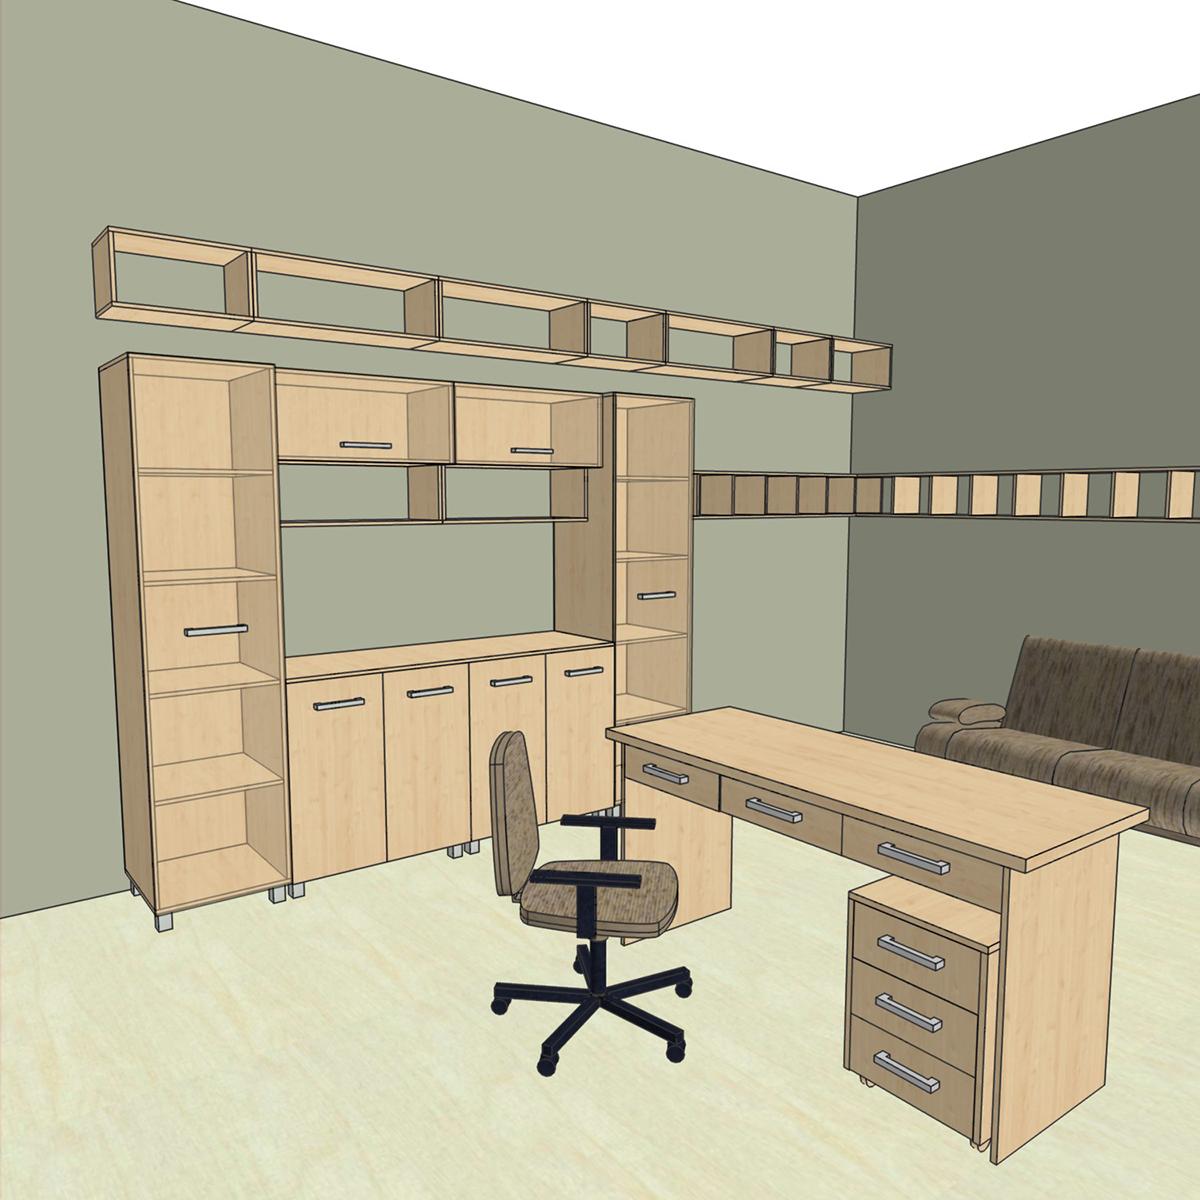 Проект интерьера офисной мебели из ЛДСП